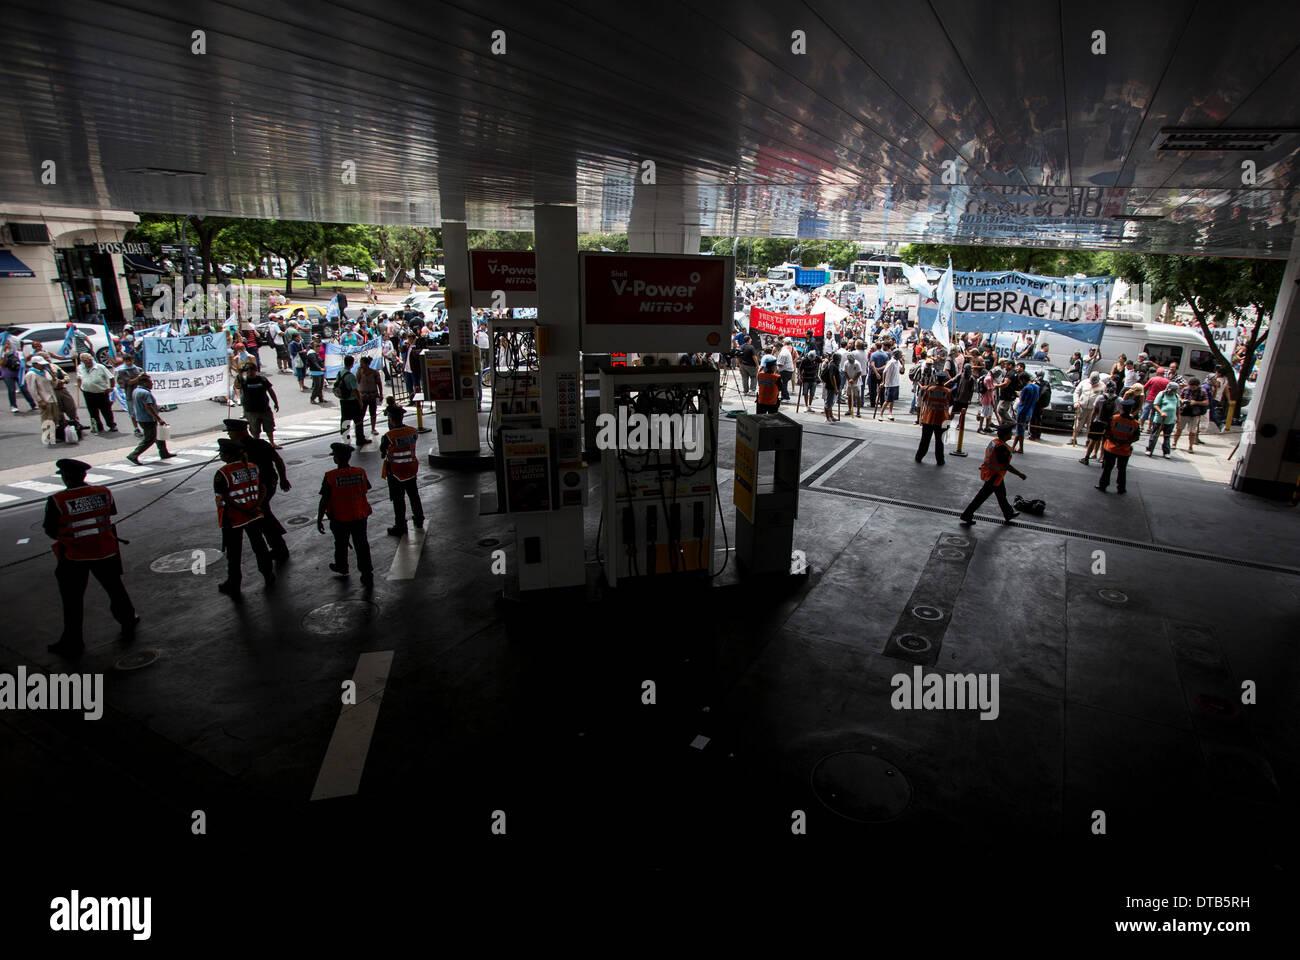 Len Und Leuchten Dortmund federal stand guard in stockfotos federal stand